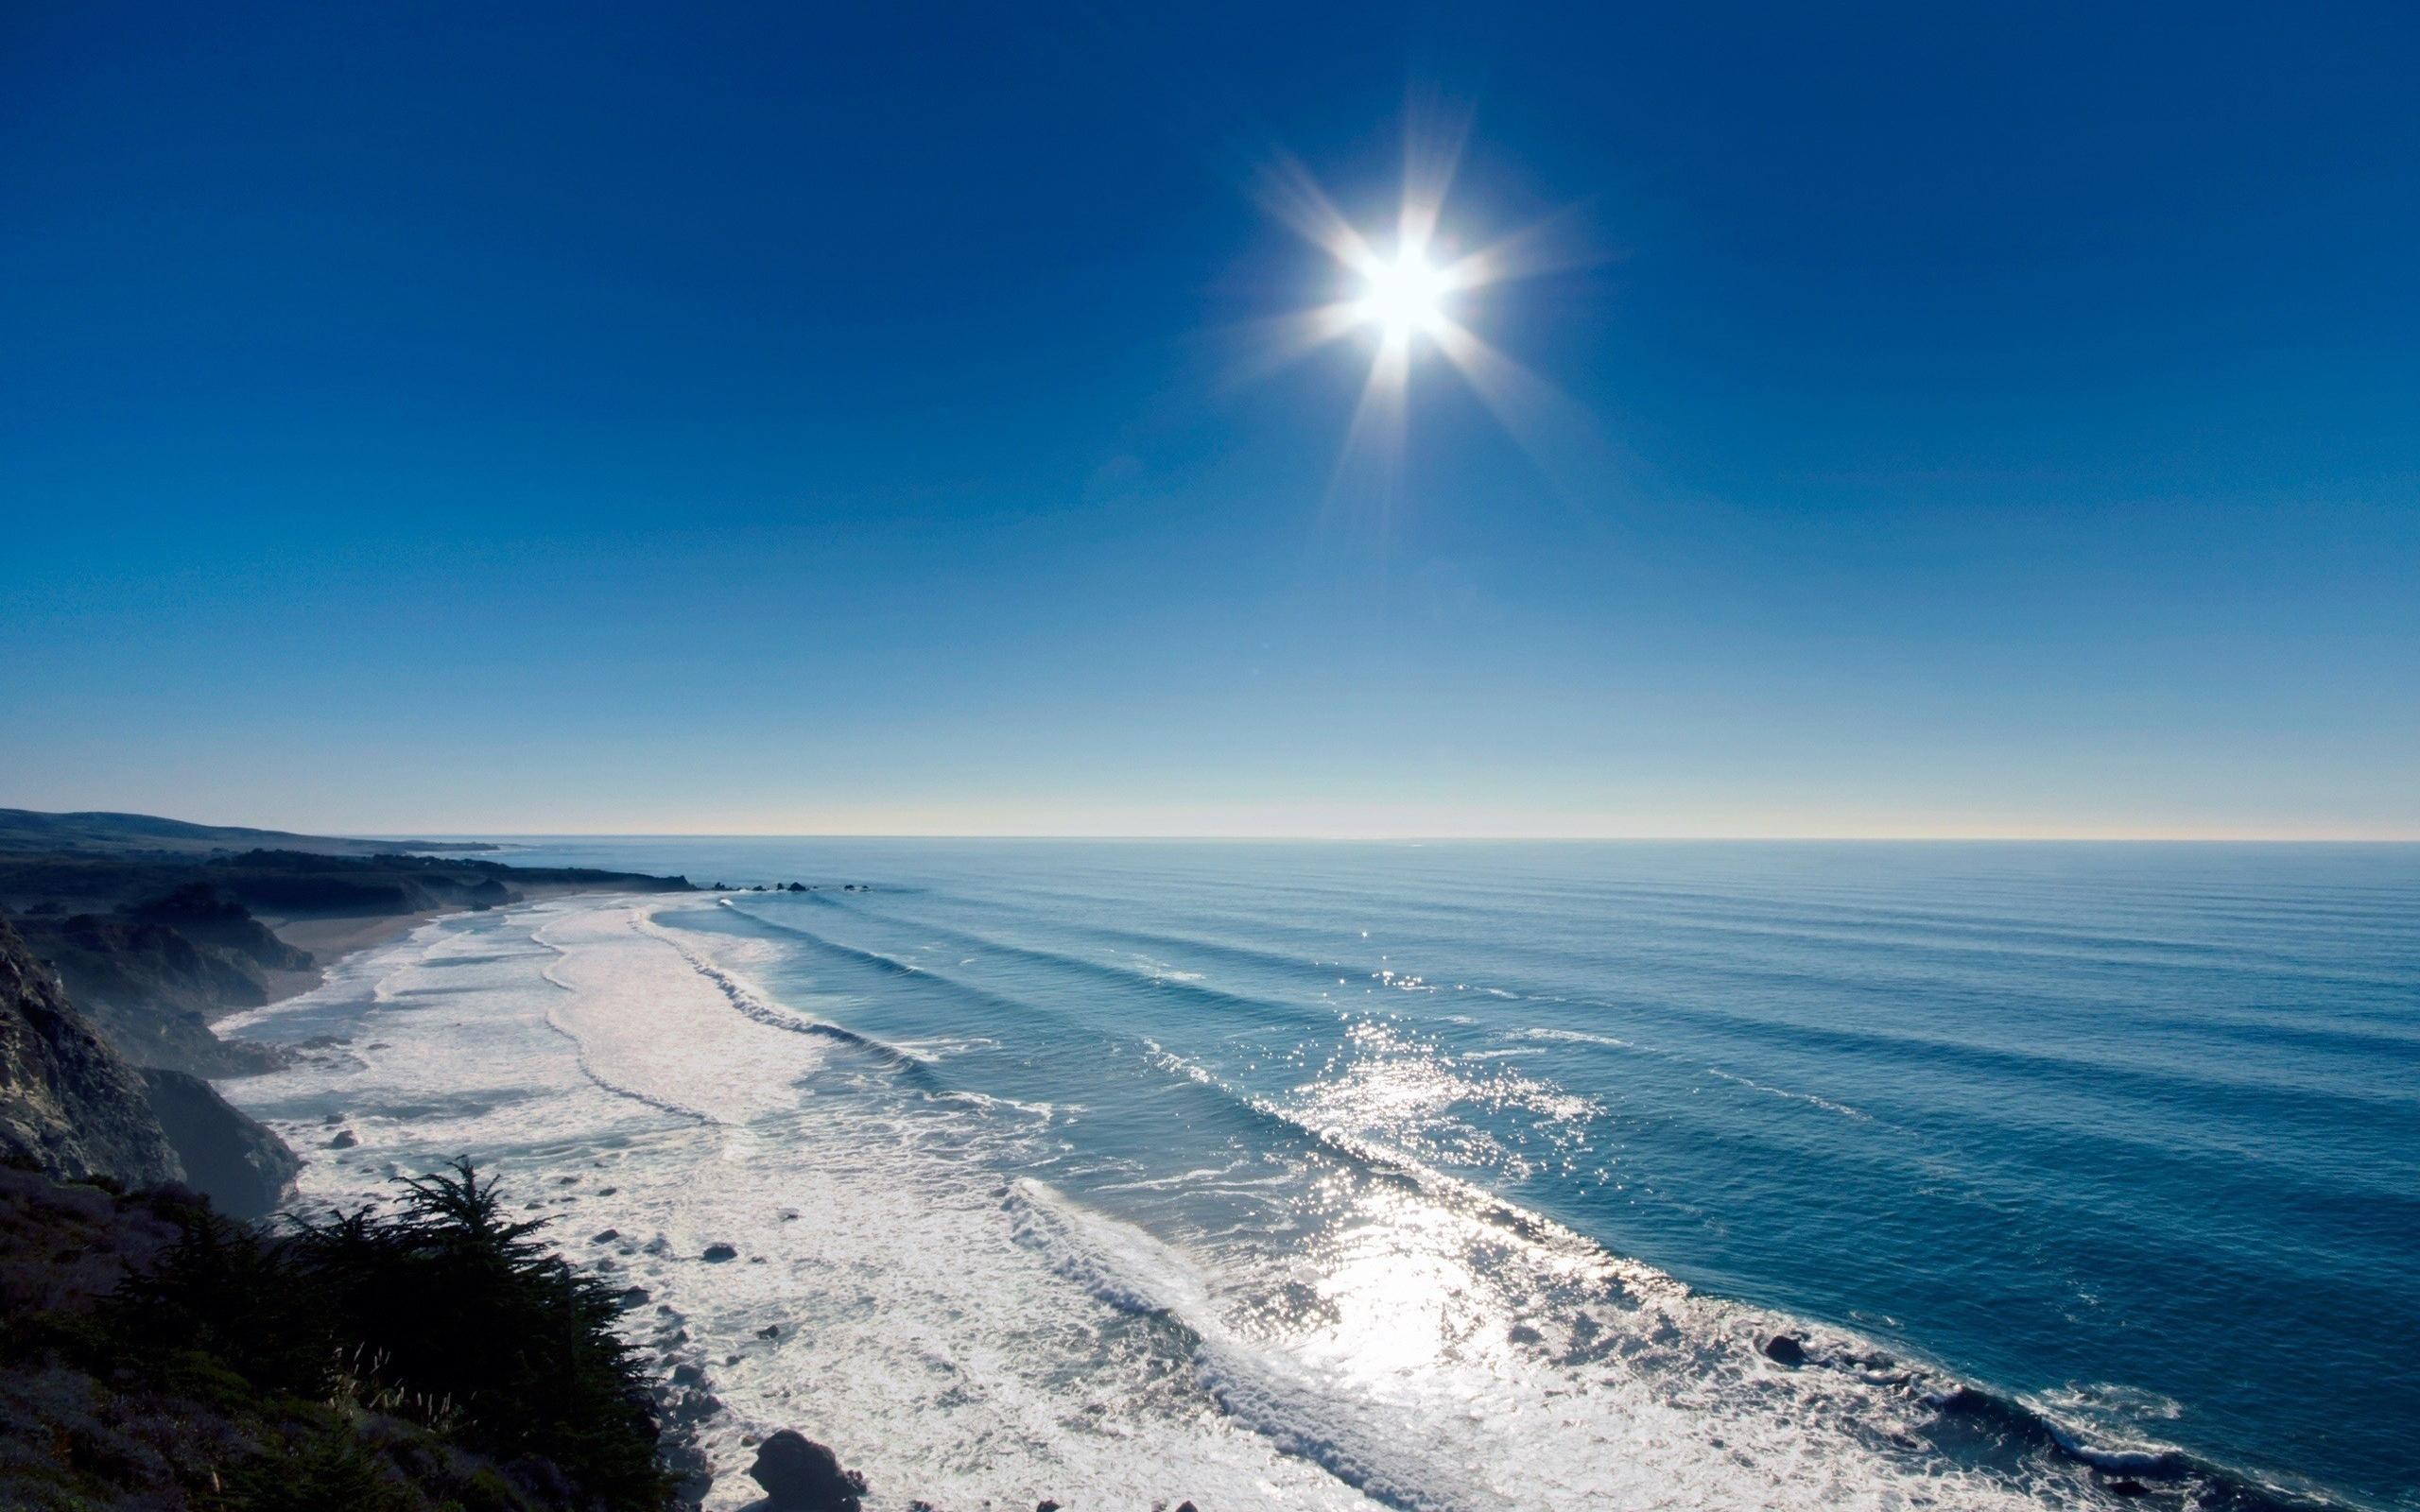 27555 скачать обои Пейзаж, Море, Солнце, Волны - заставки и картинки бесплатно